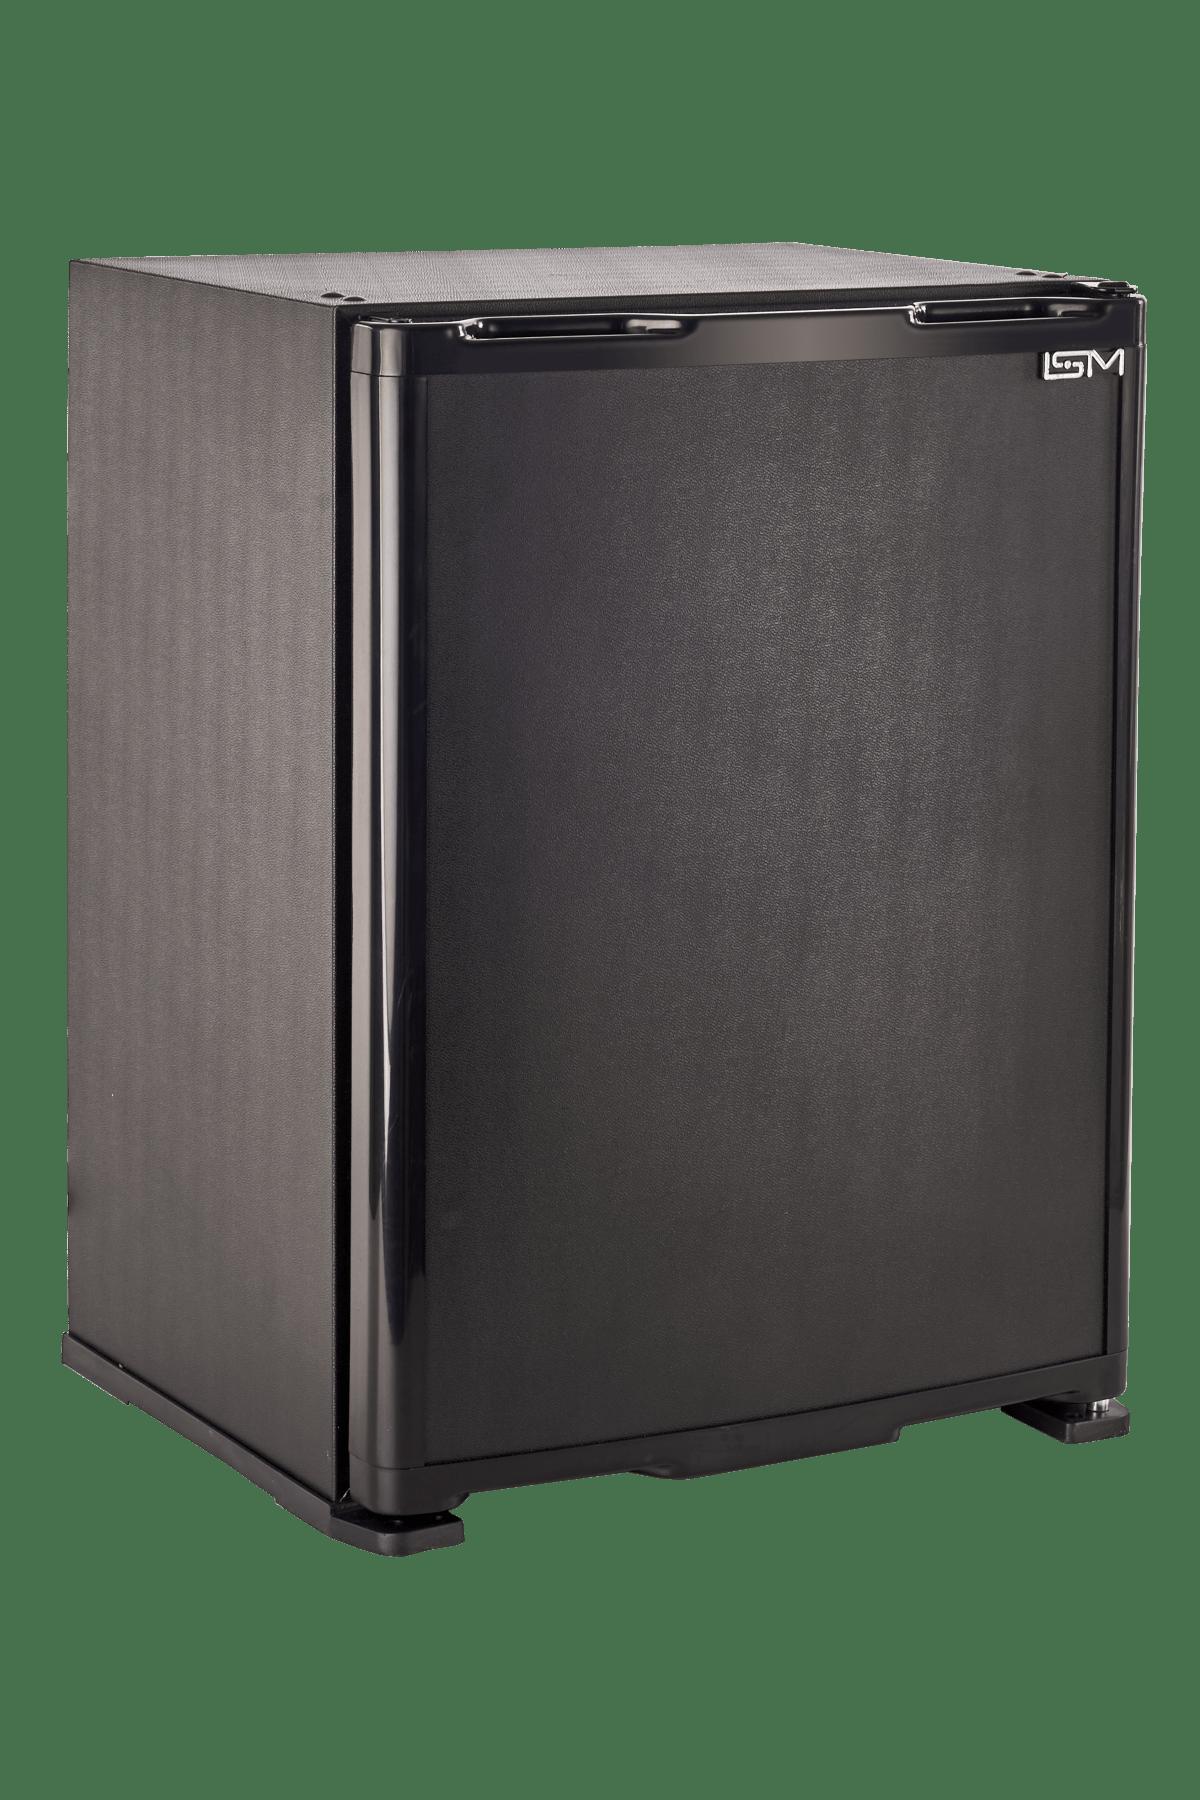 ISM Siyah Blok Kapı 27 Litre Minibar Mini Buzdolabı Sm-27